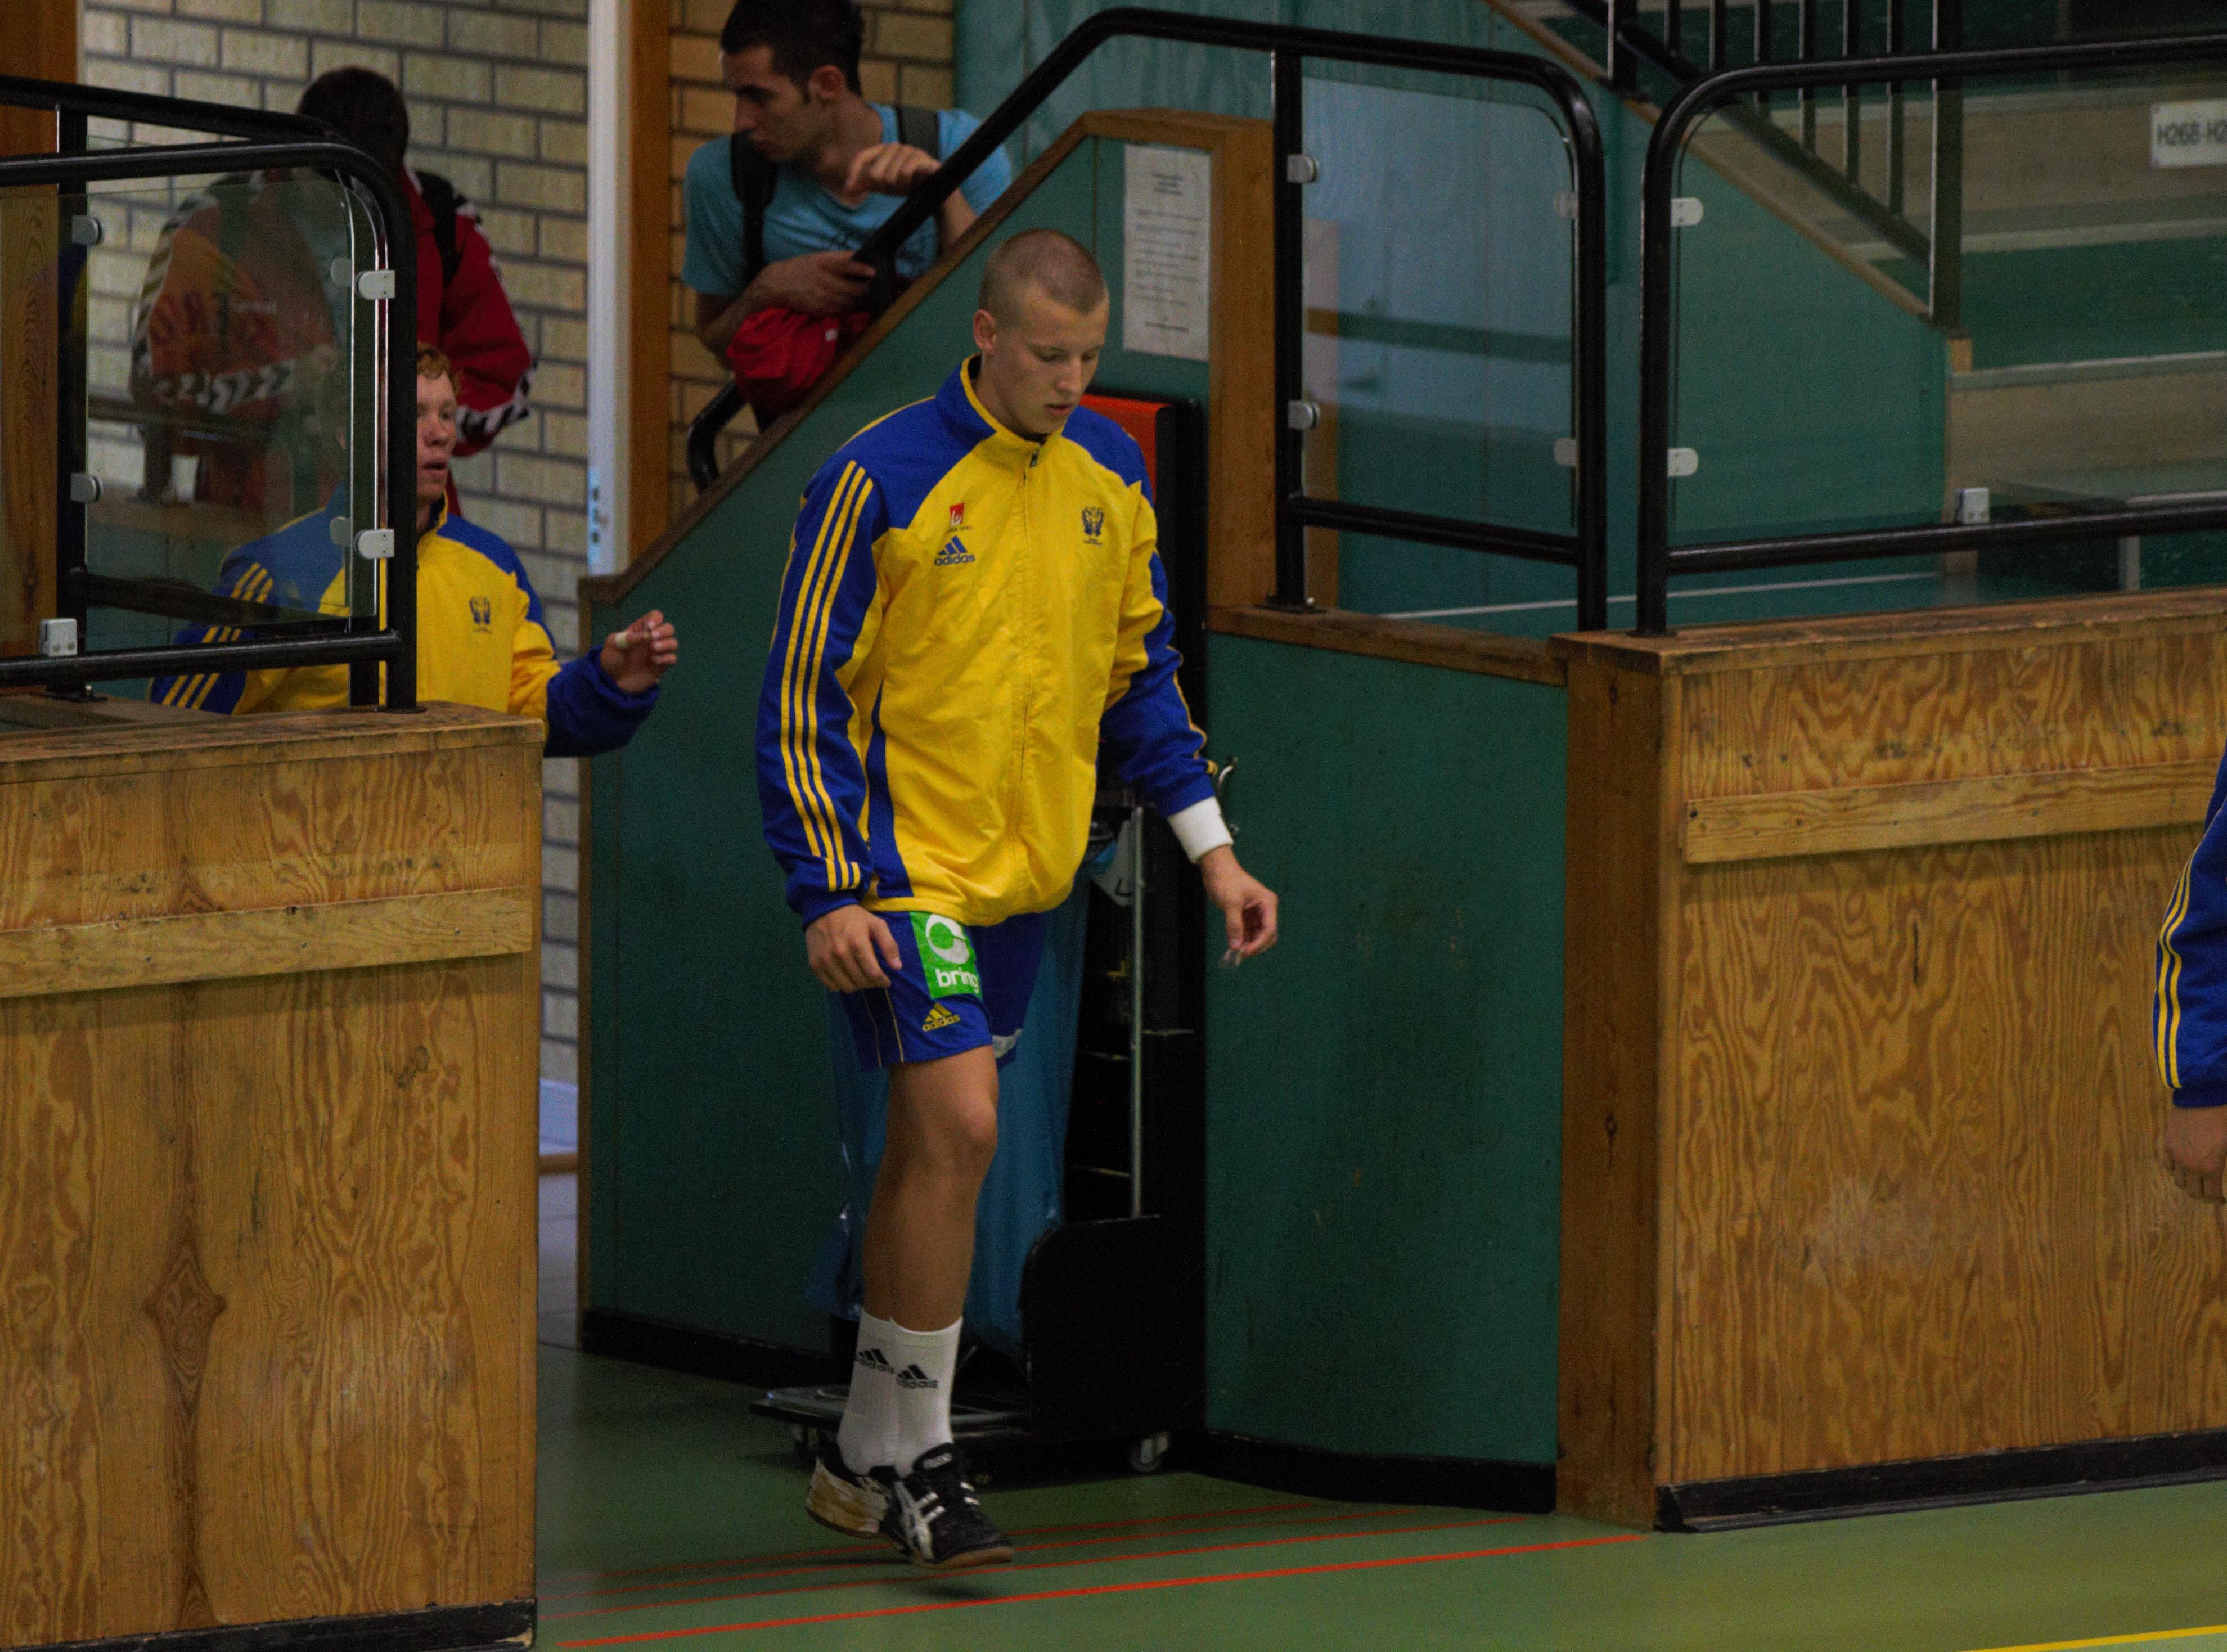 Sverige vs Qatar 005 (2).jpg